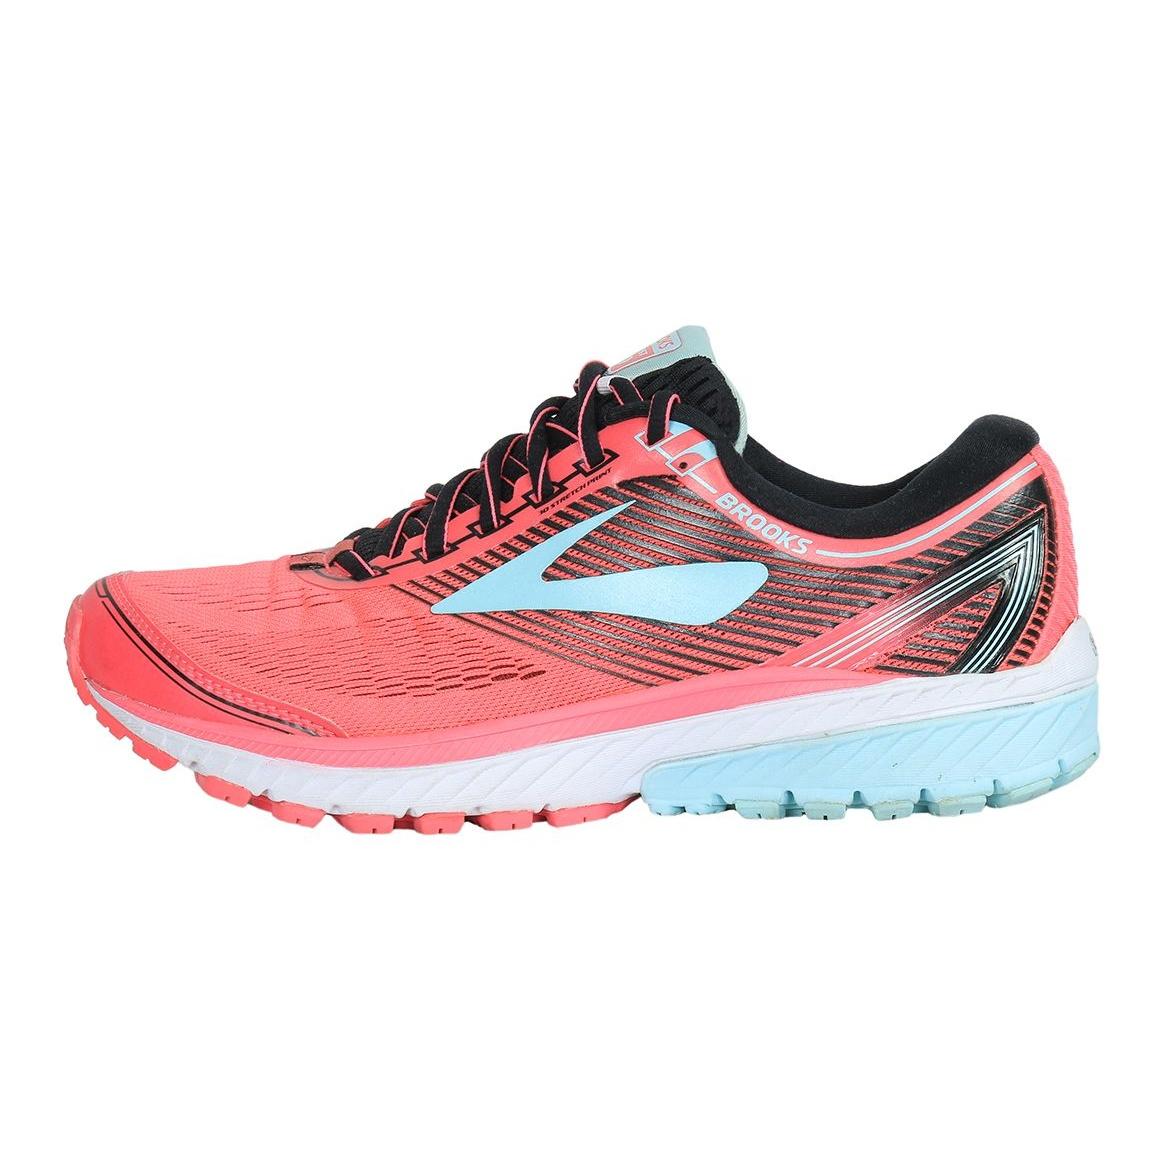 کفش مخصوص دویدن نه بروکس کد 1202461B995